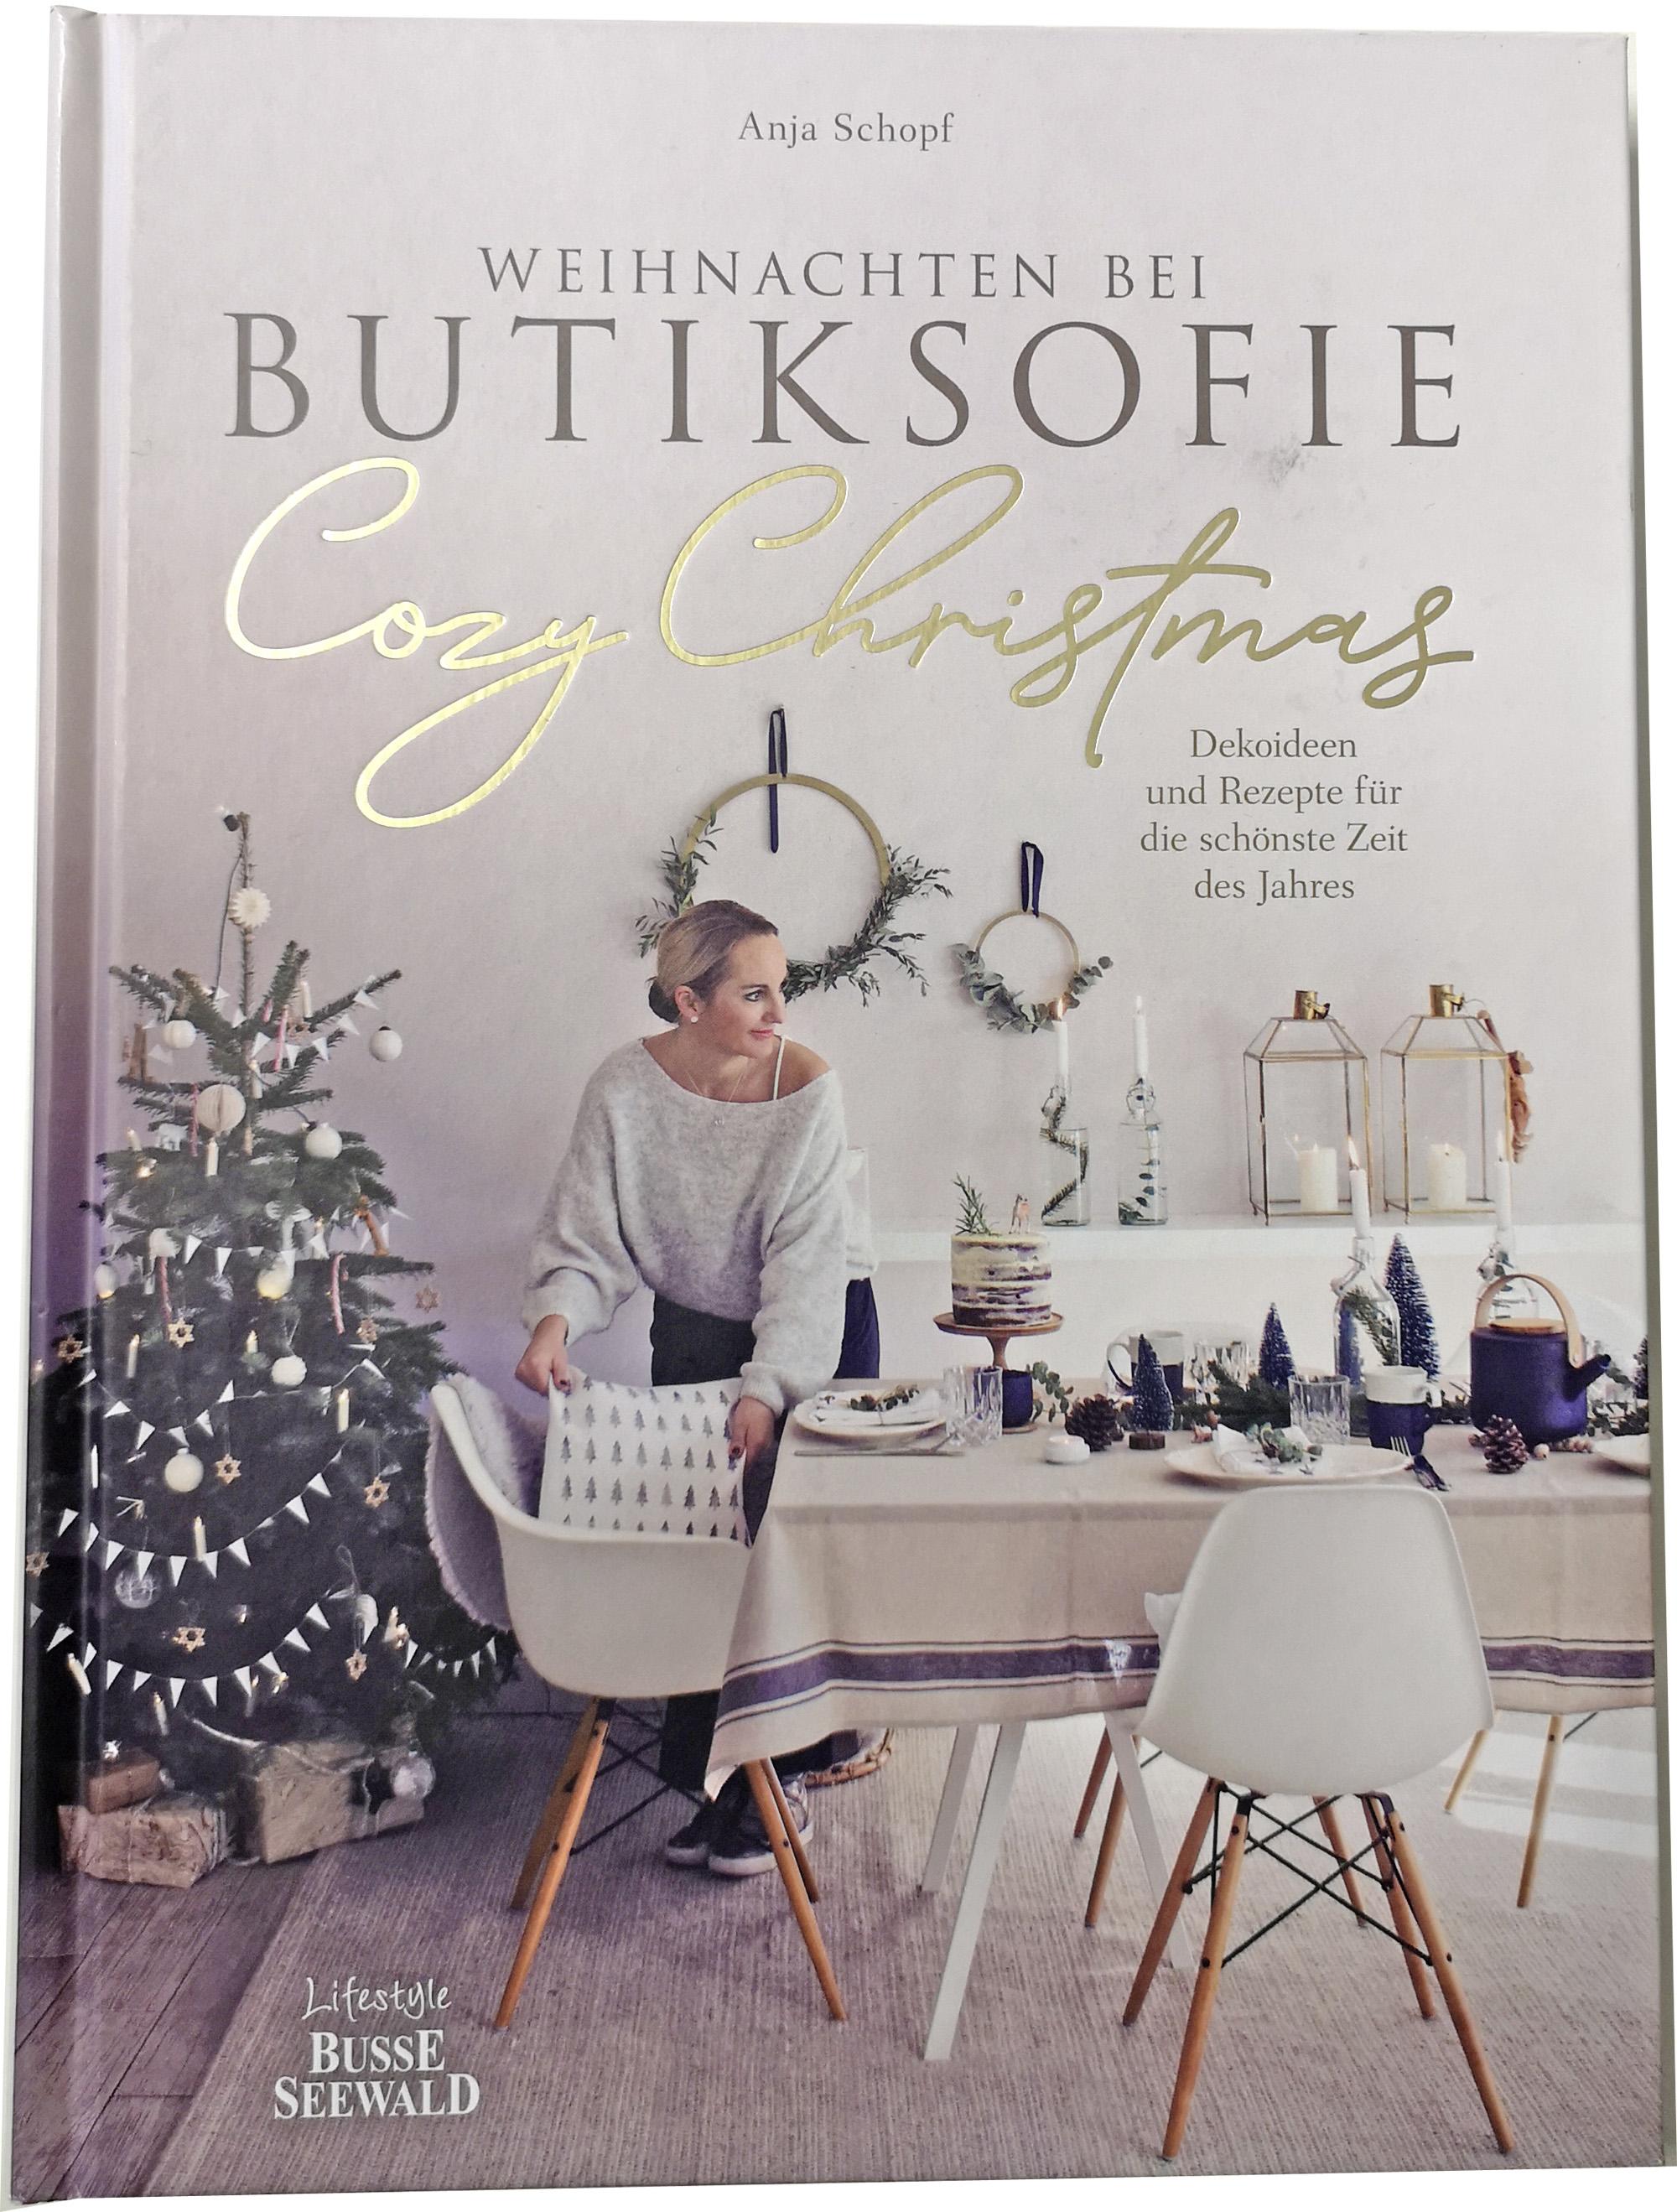 Buch - Cozy Christmas: Weihnachten bei Butiksofie